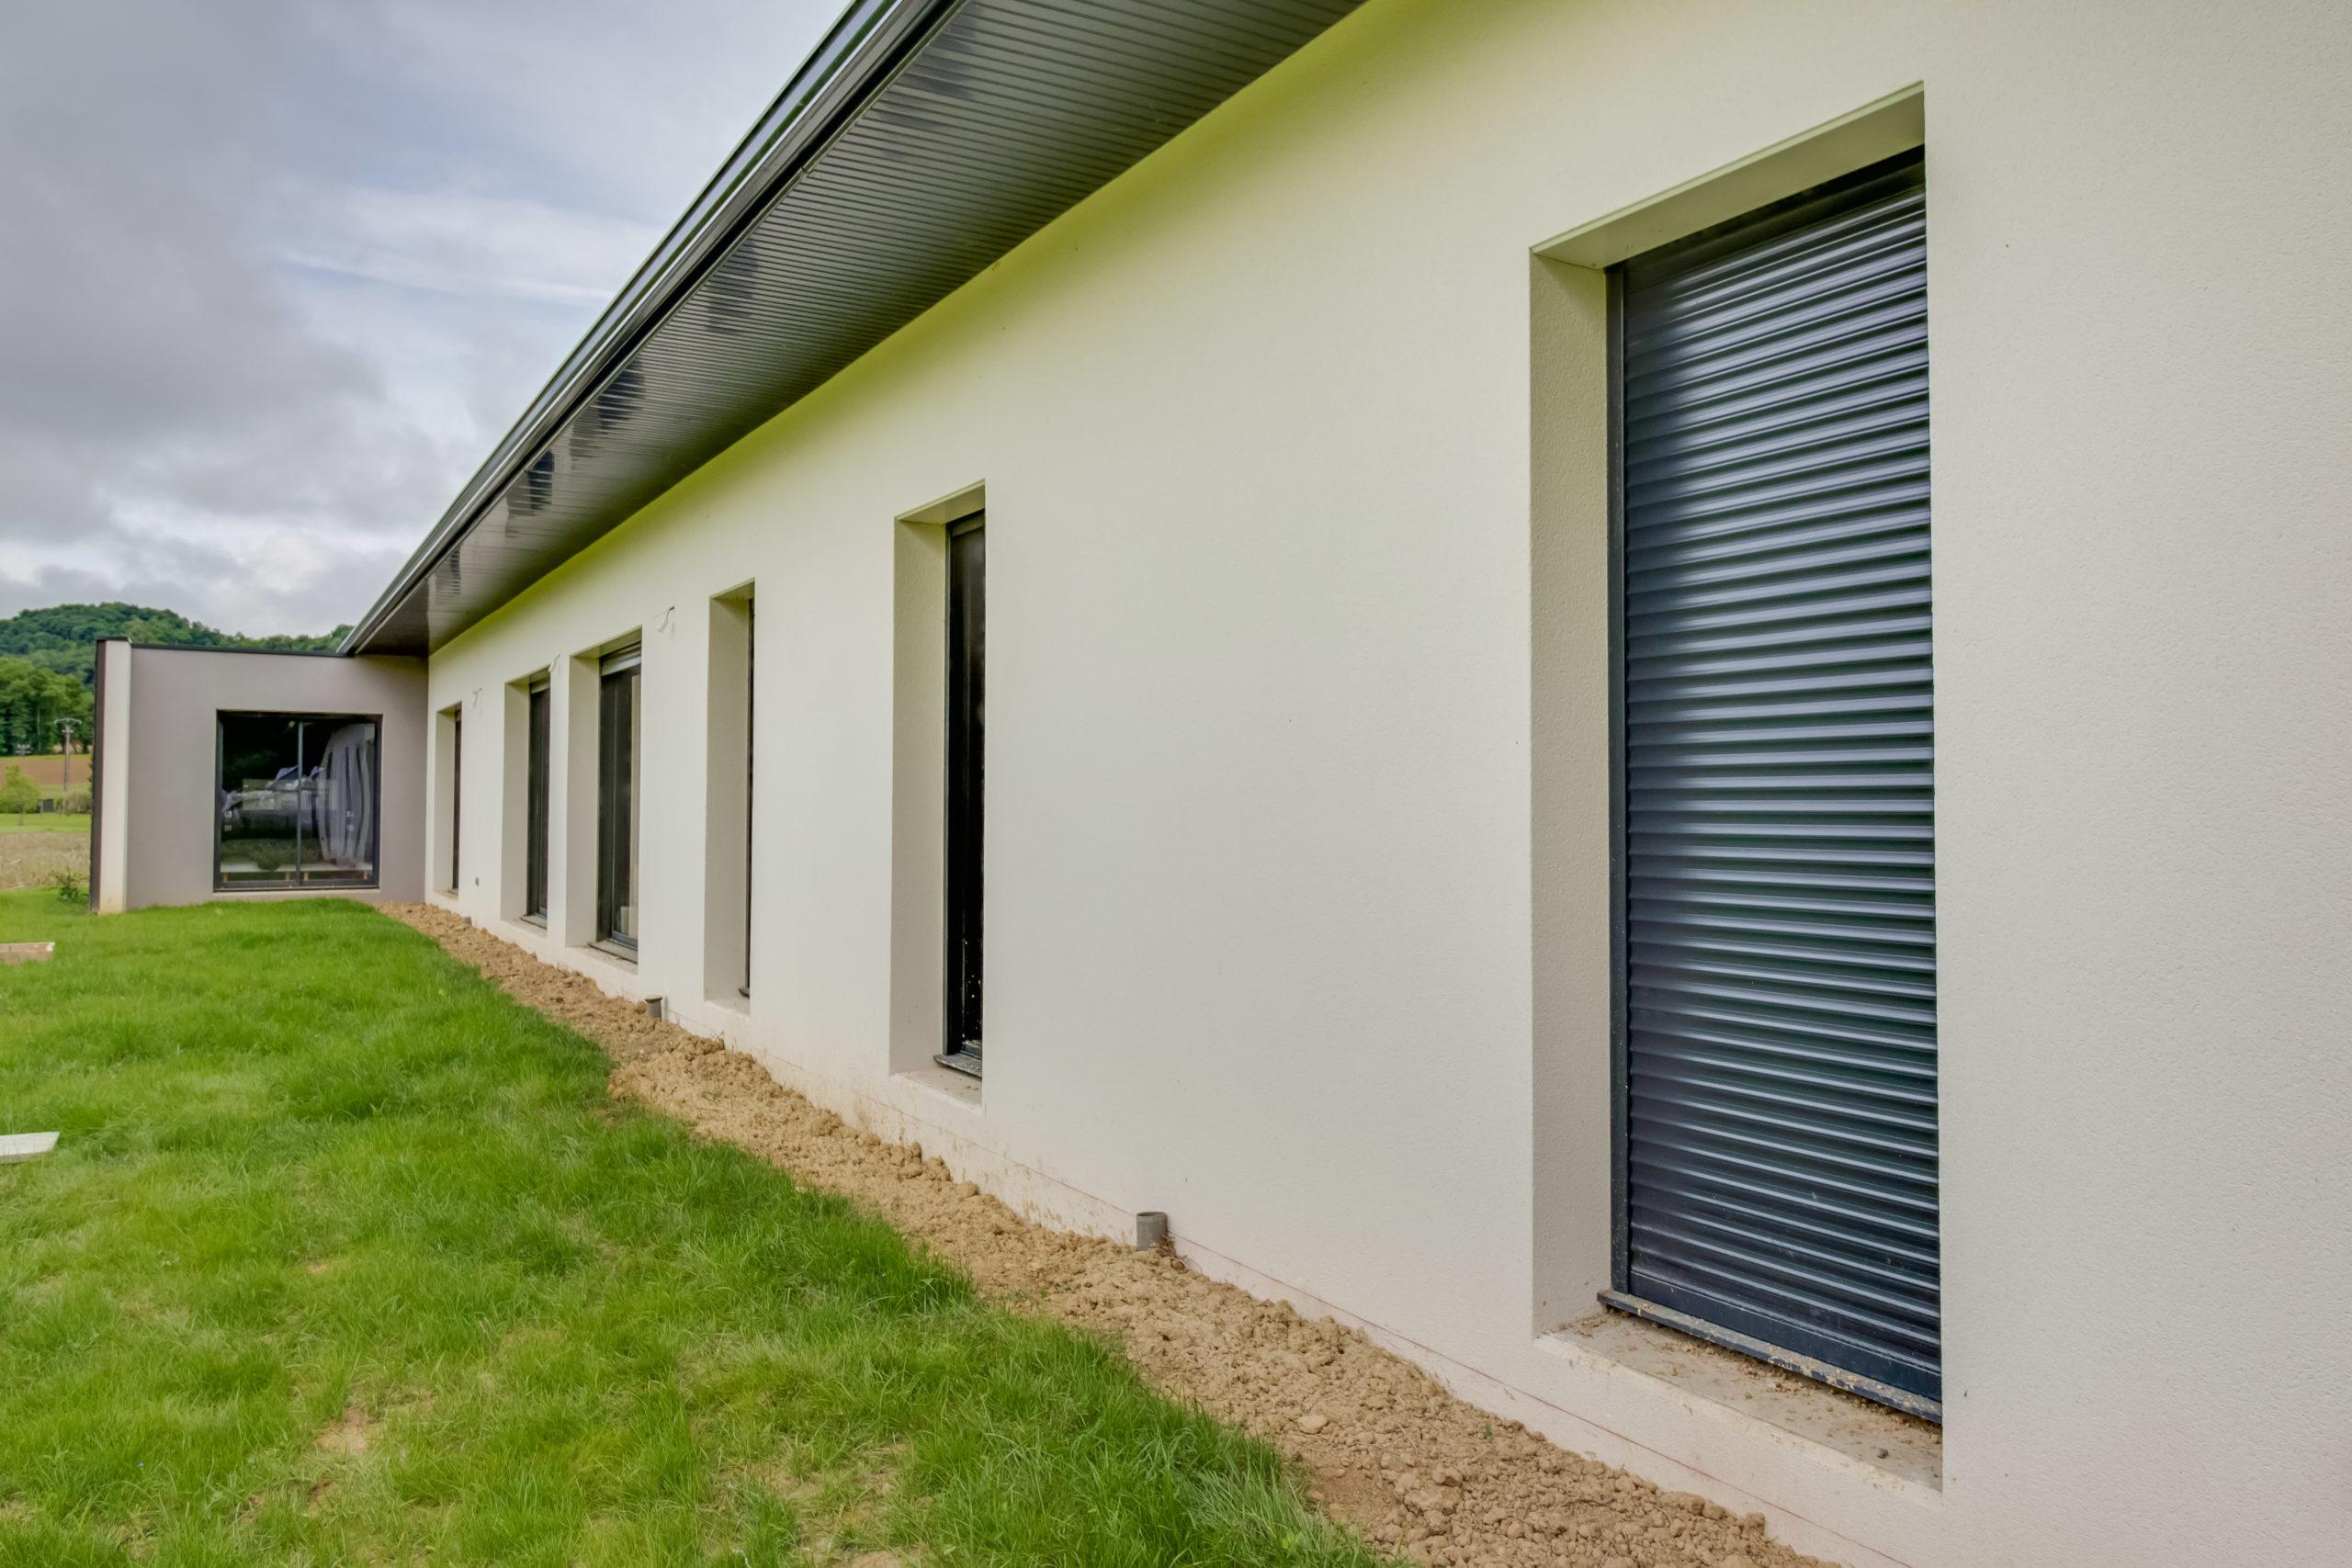 Atelier-Plurielles-architectures-construction-maison-Bearn-extérieur 2